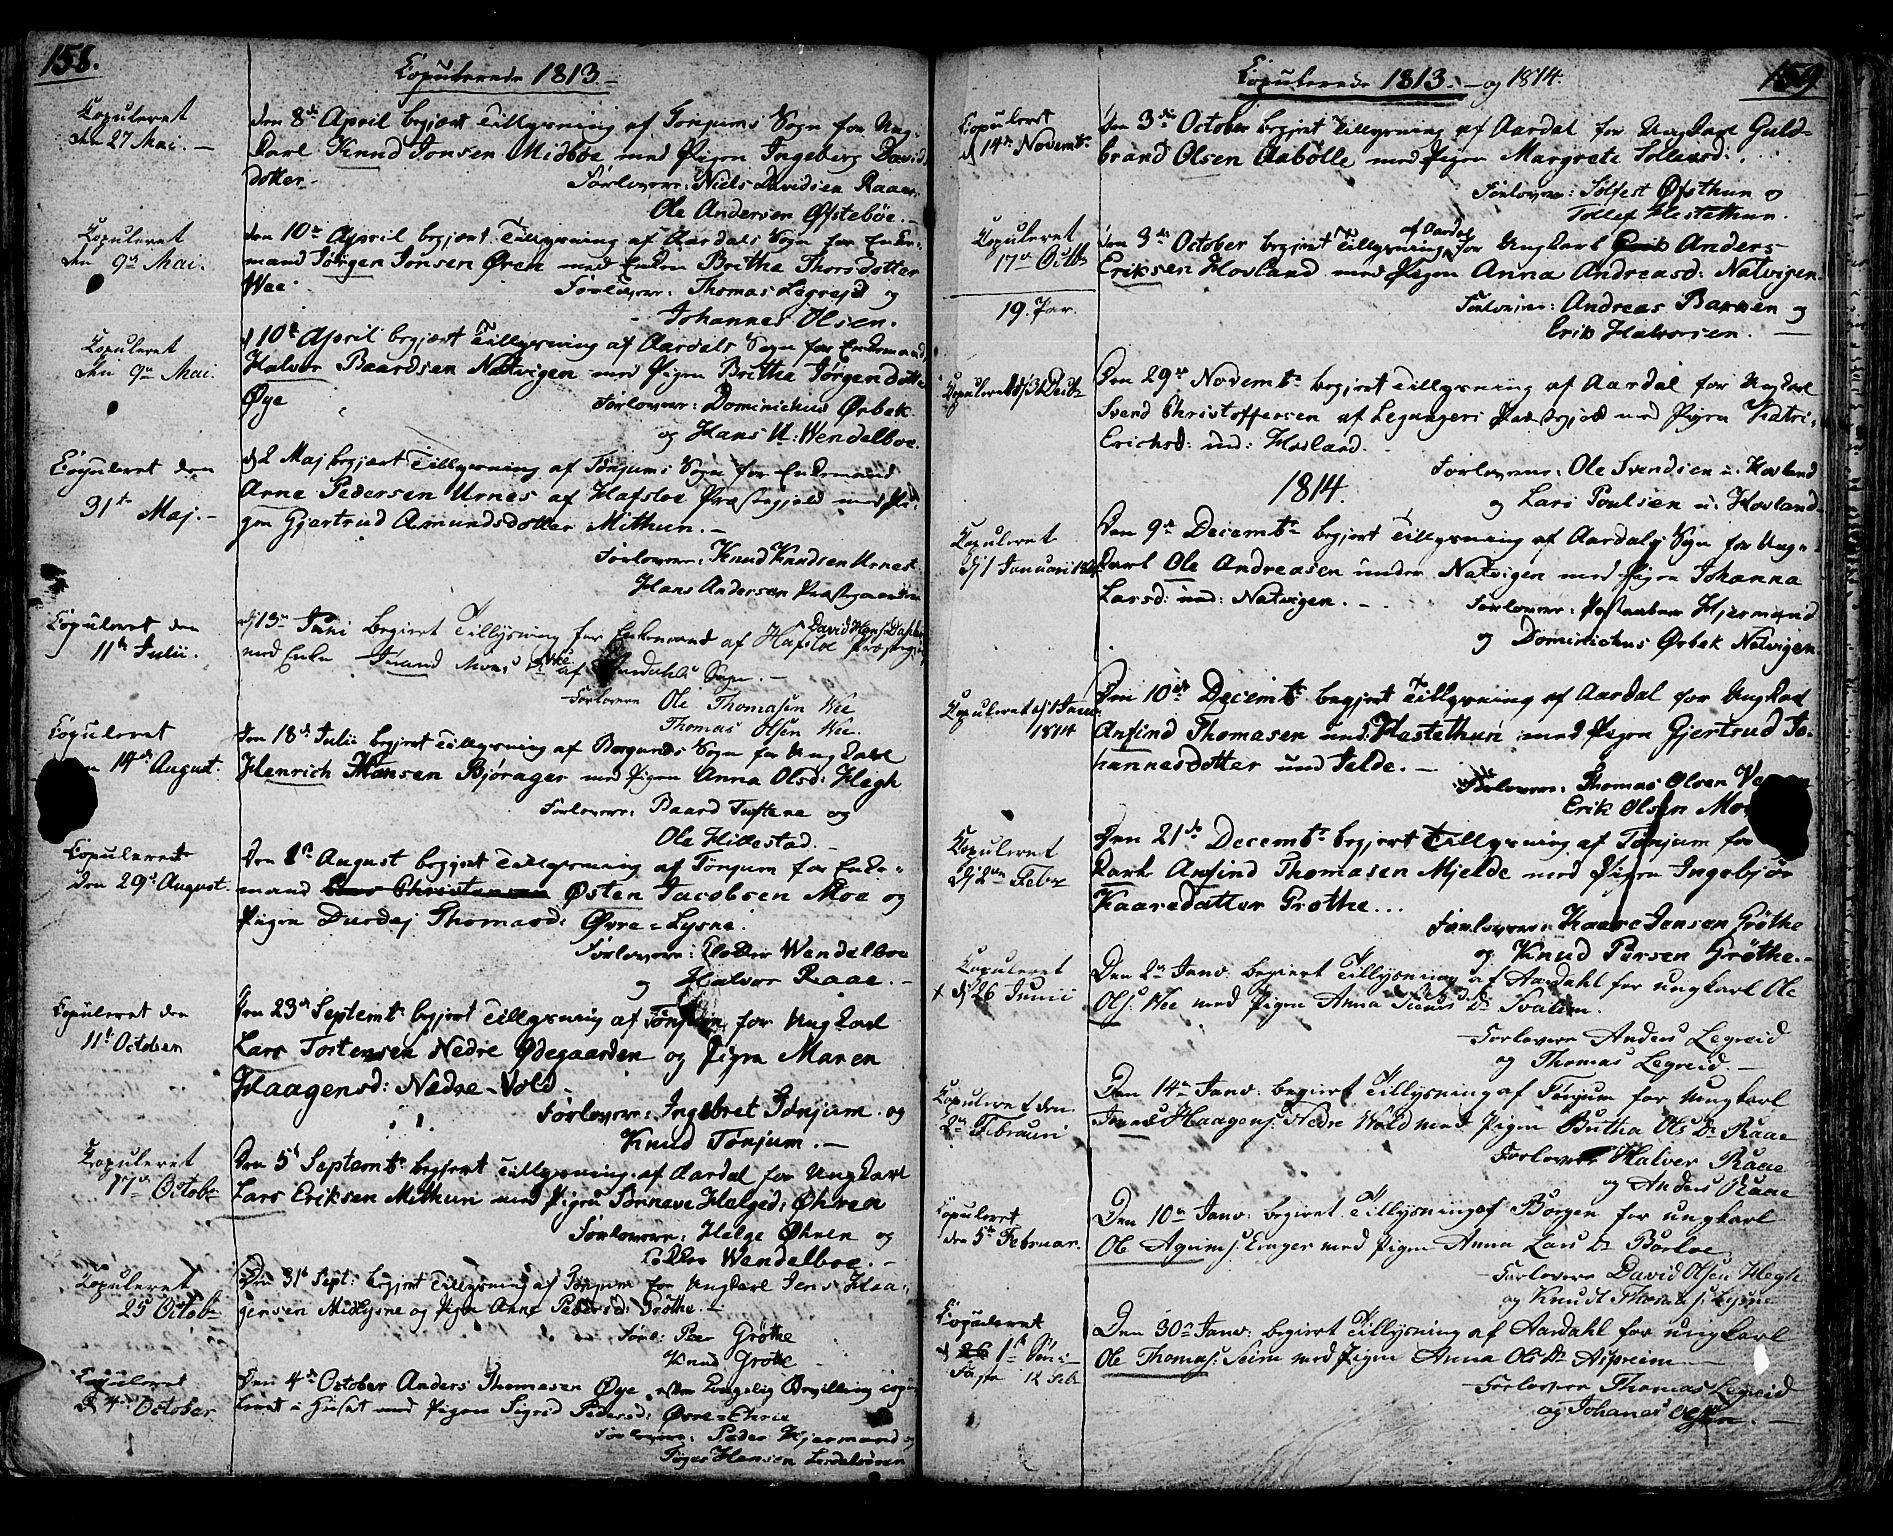 SAB, Lærdal sokneprestembete, Ministerialbok nr. A 4, 1805-1821, s. 158-159